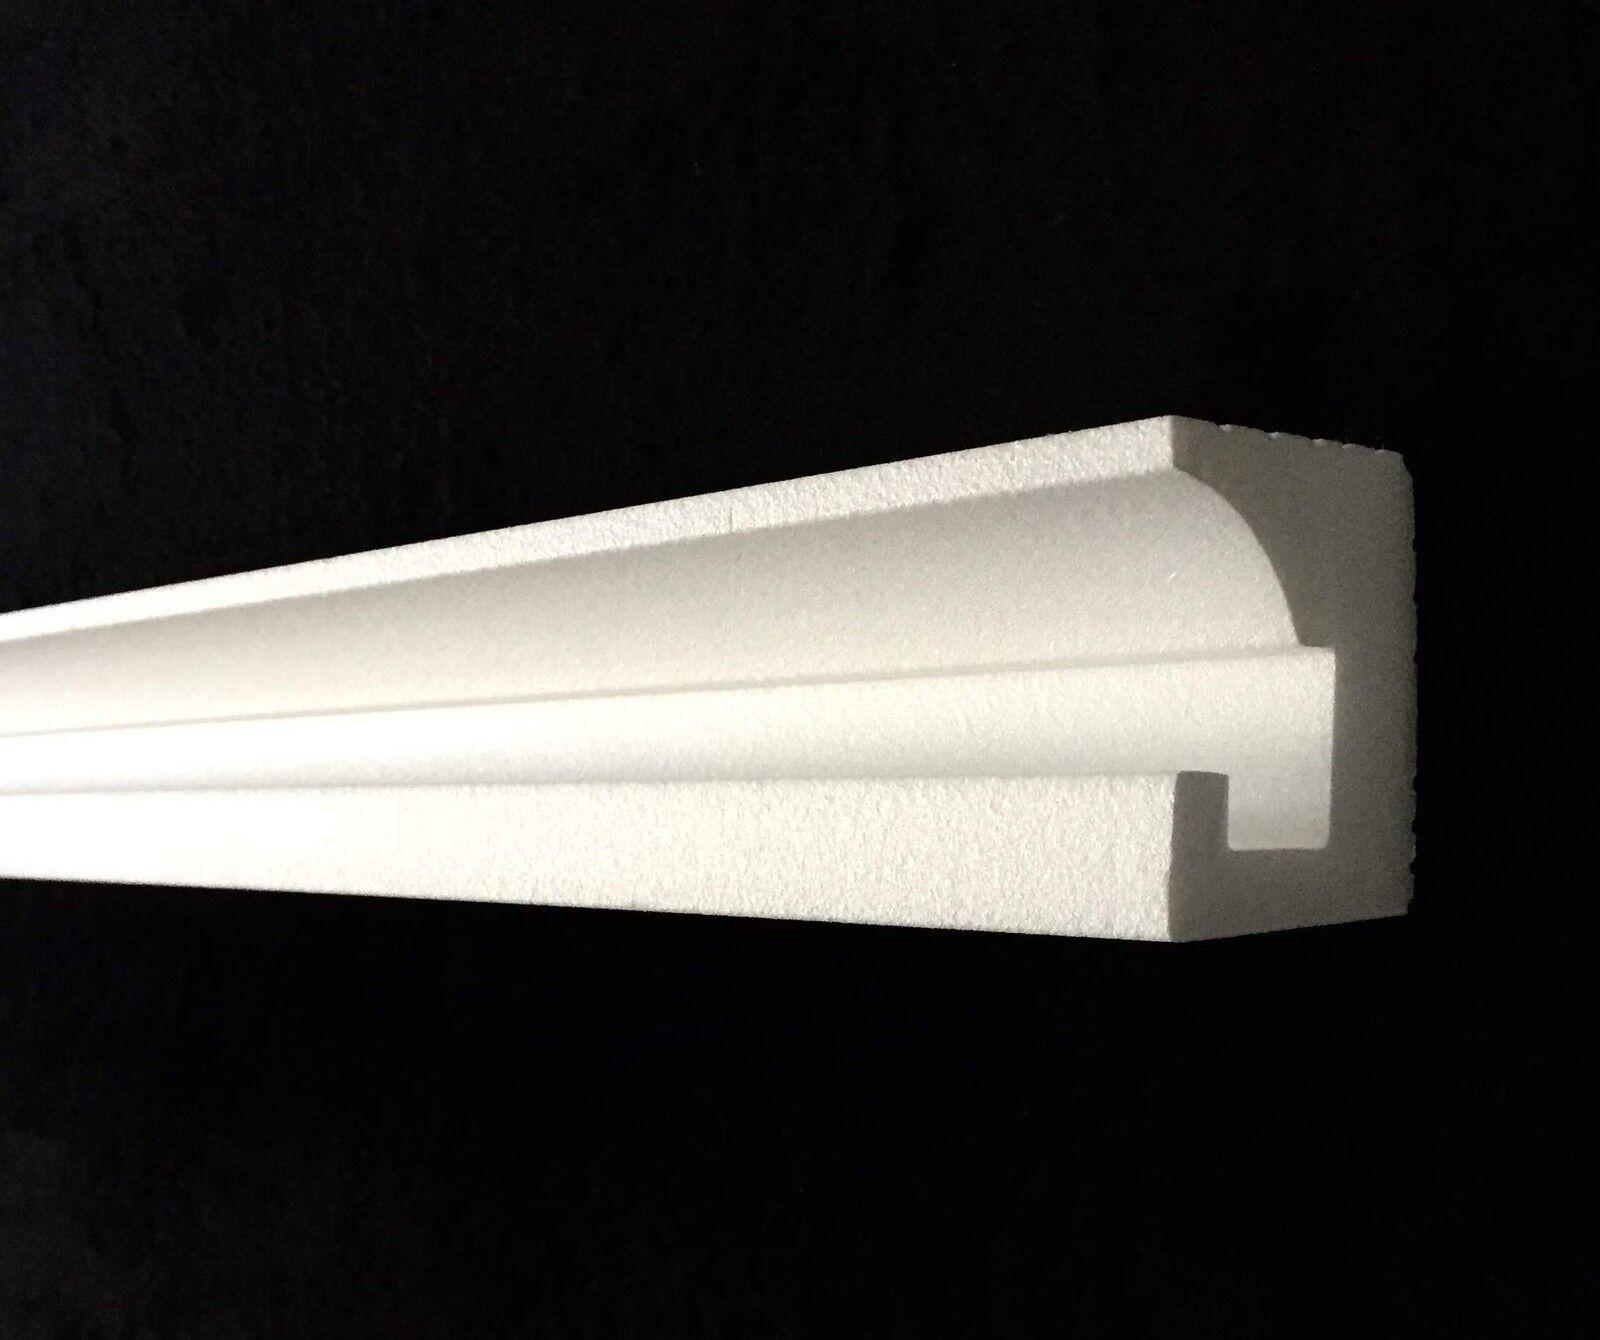 14 m LED Leiste indirekte Beleuchtung Lichtprofil Styroporleiste 2BAY009